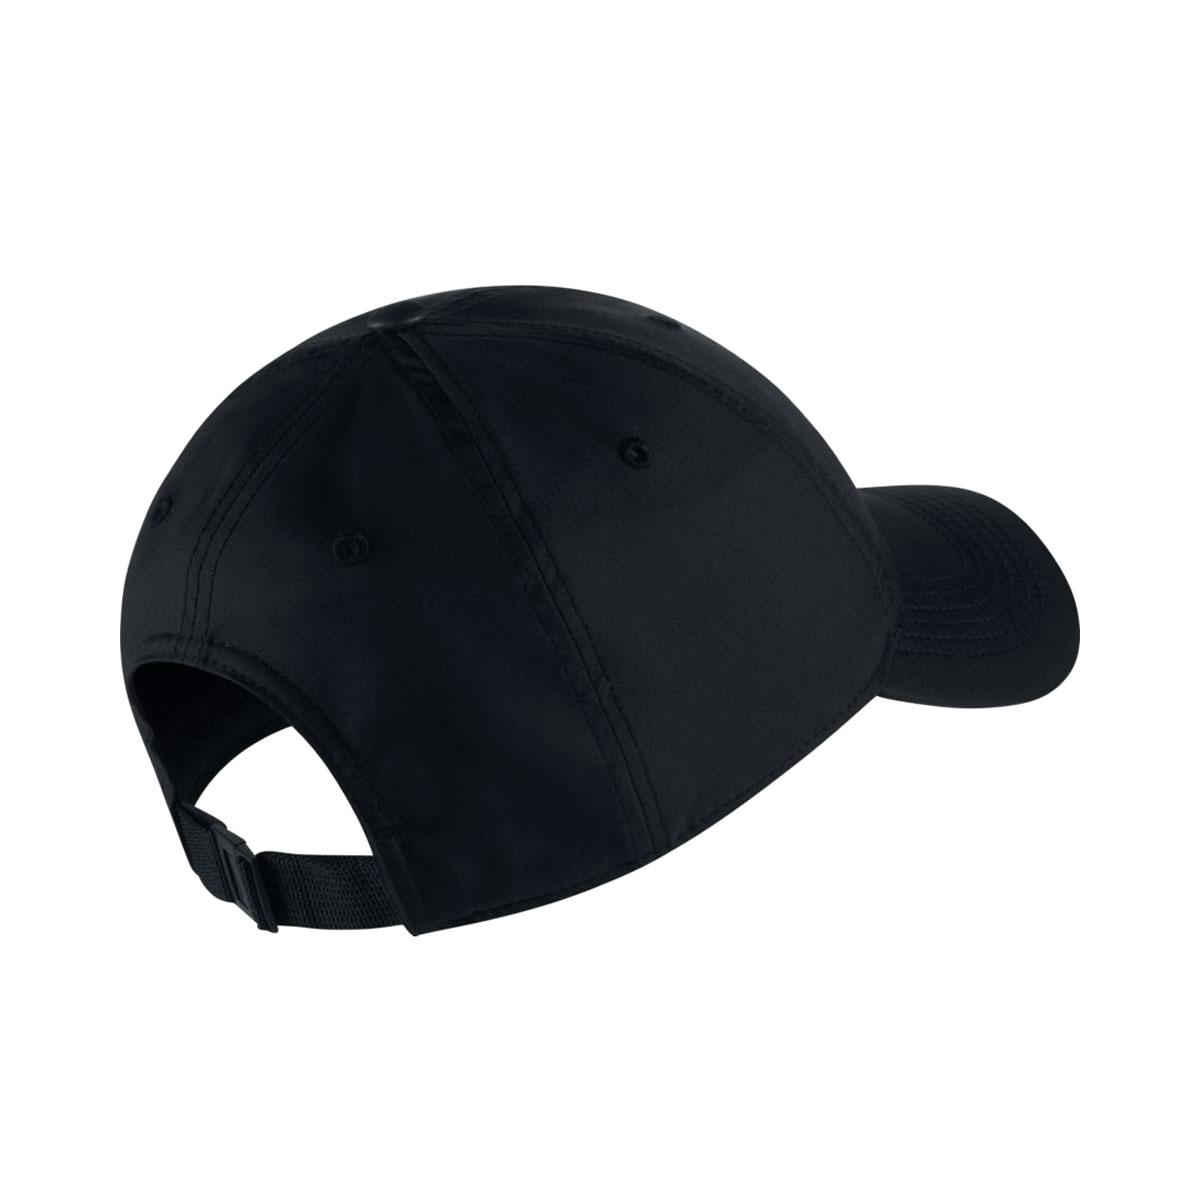 d4d14278a3a33 NIKE U NSW AROBILL H86 CAP AIR MAX (Nike H86 Air Max cap) BLACK BLACK WHITE  18SP-I